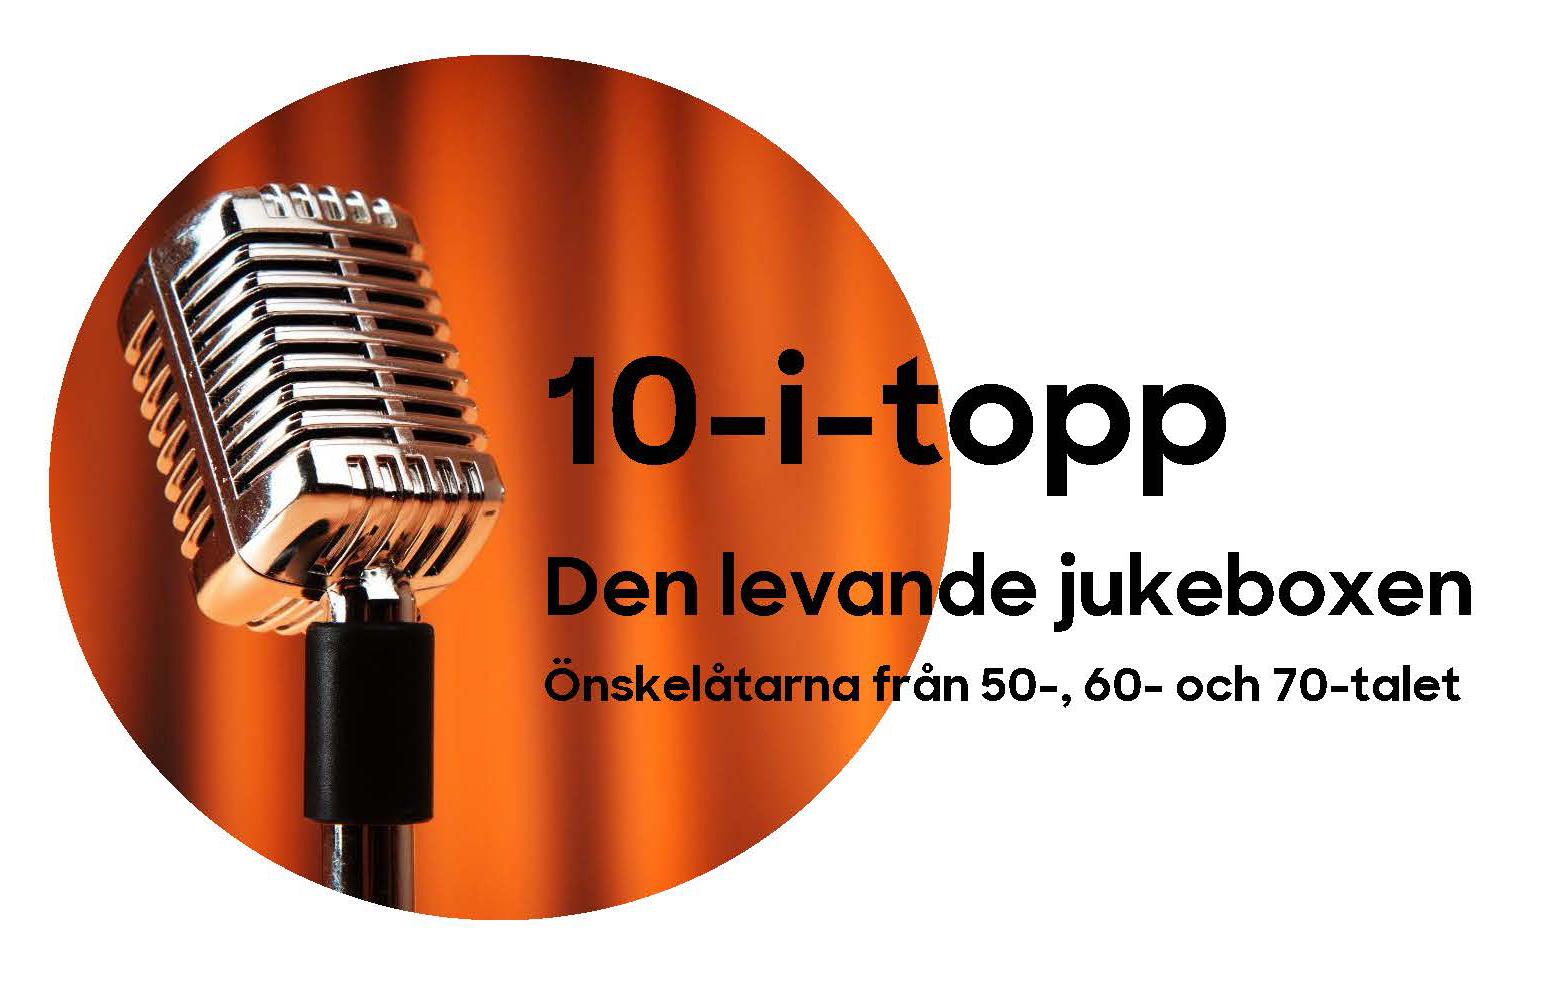 10-i-top - Den levande jukebox